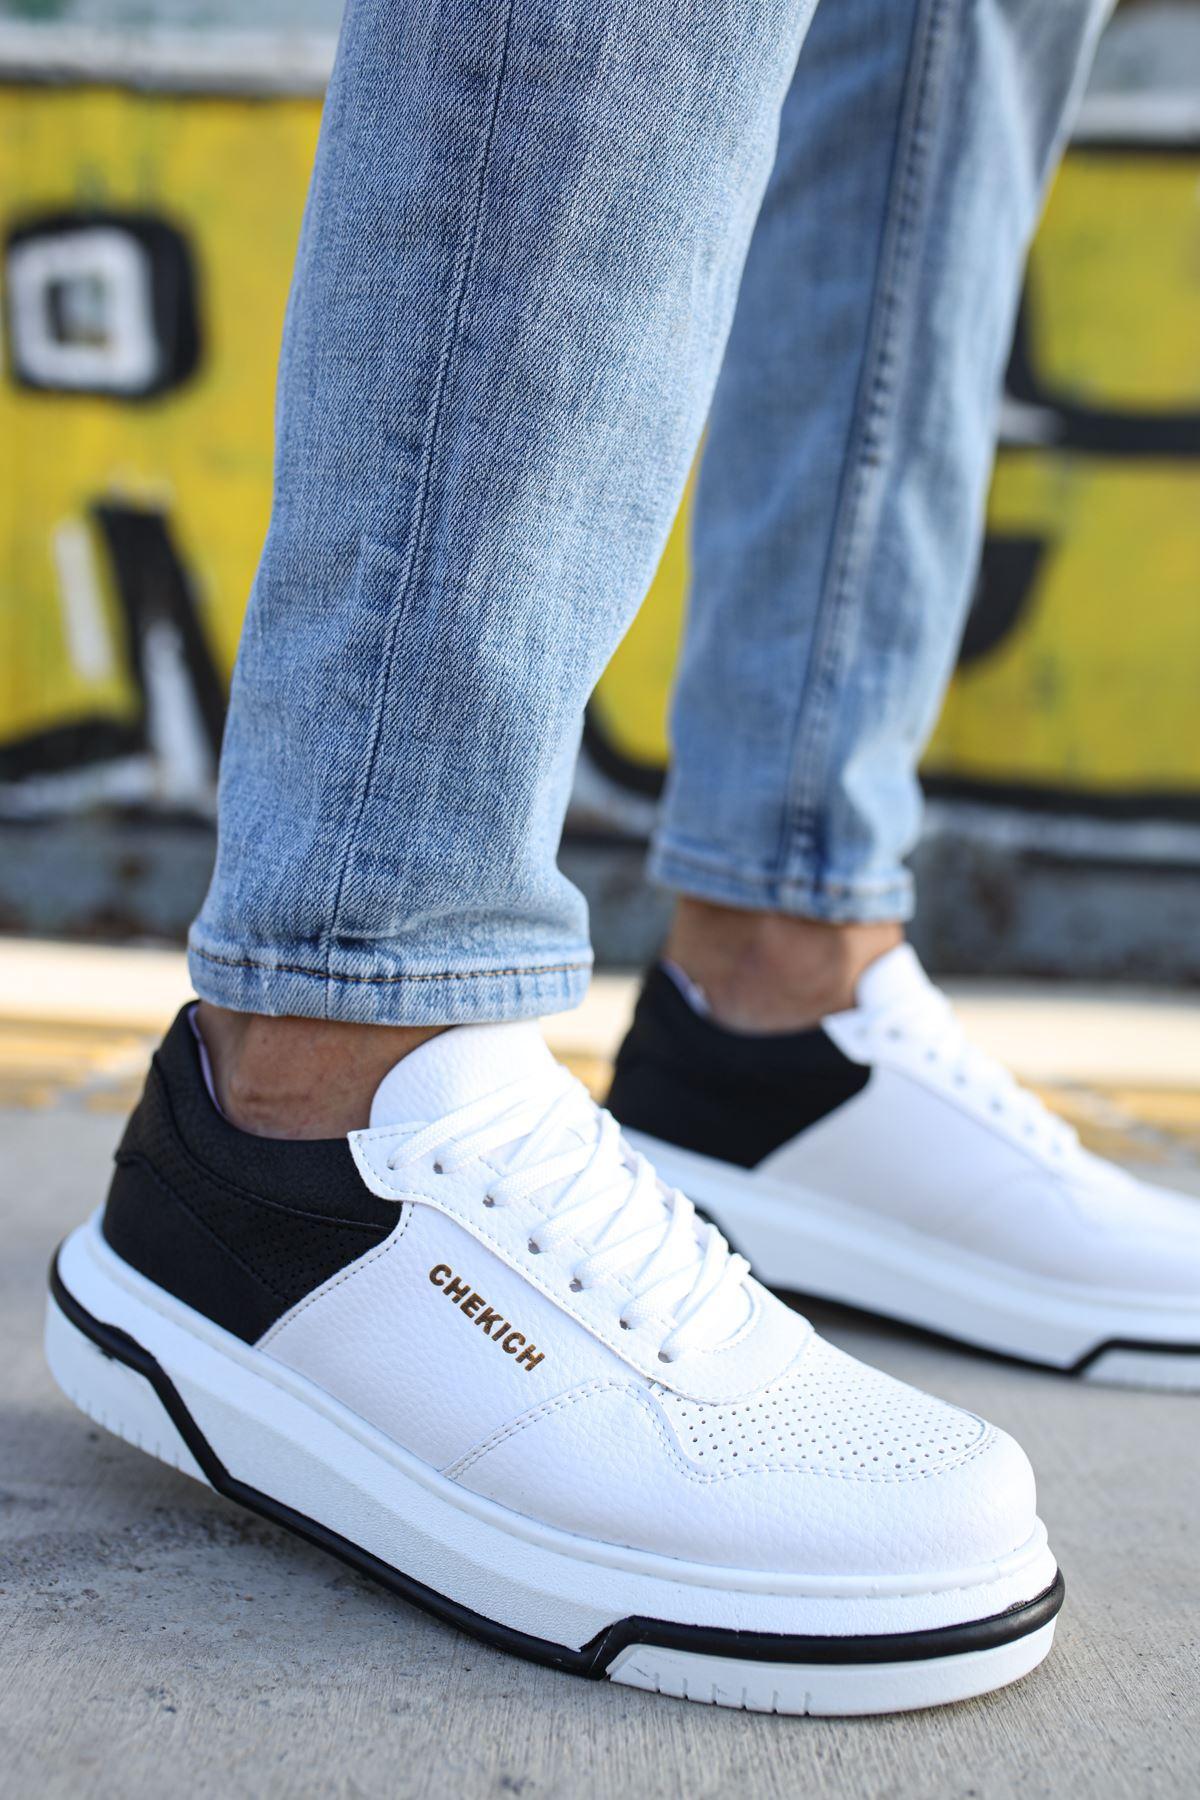 Chekich CH075 İpekyol Beyaz Taban Erkek Ayakkabı BEYAZ / SİYAH